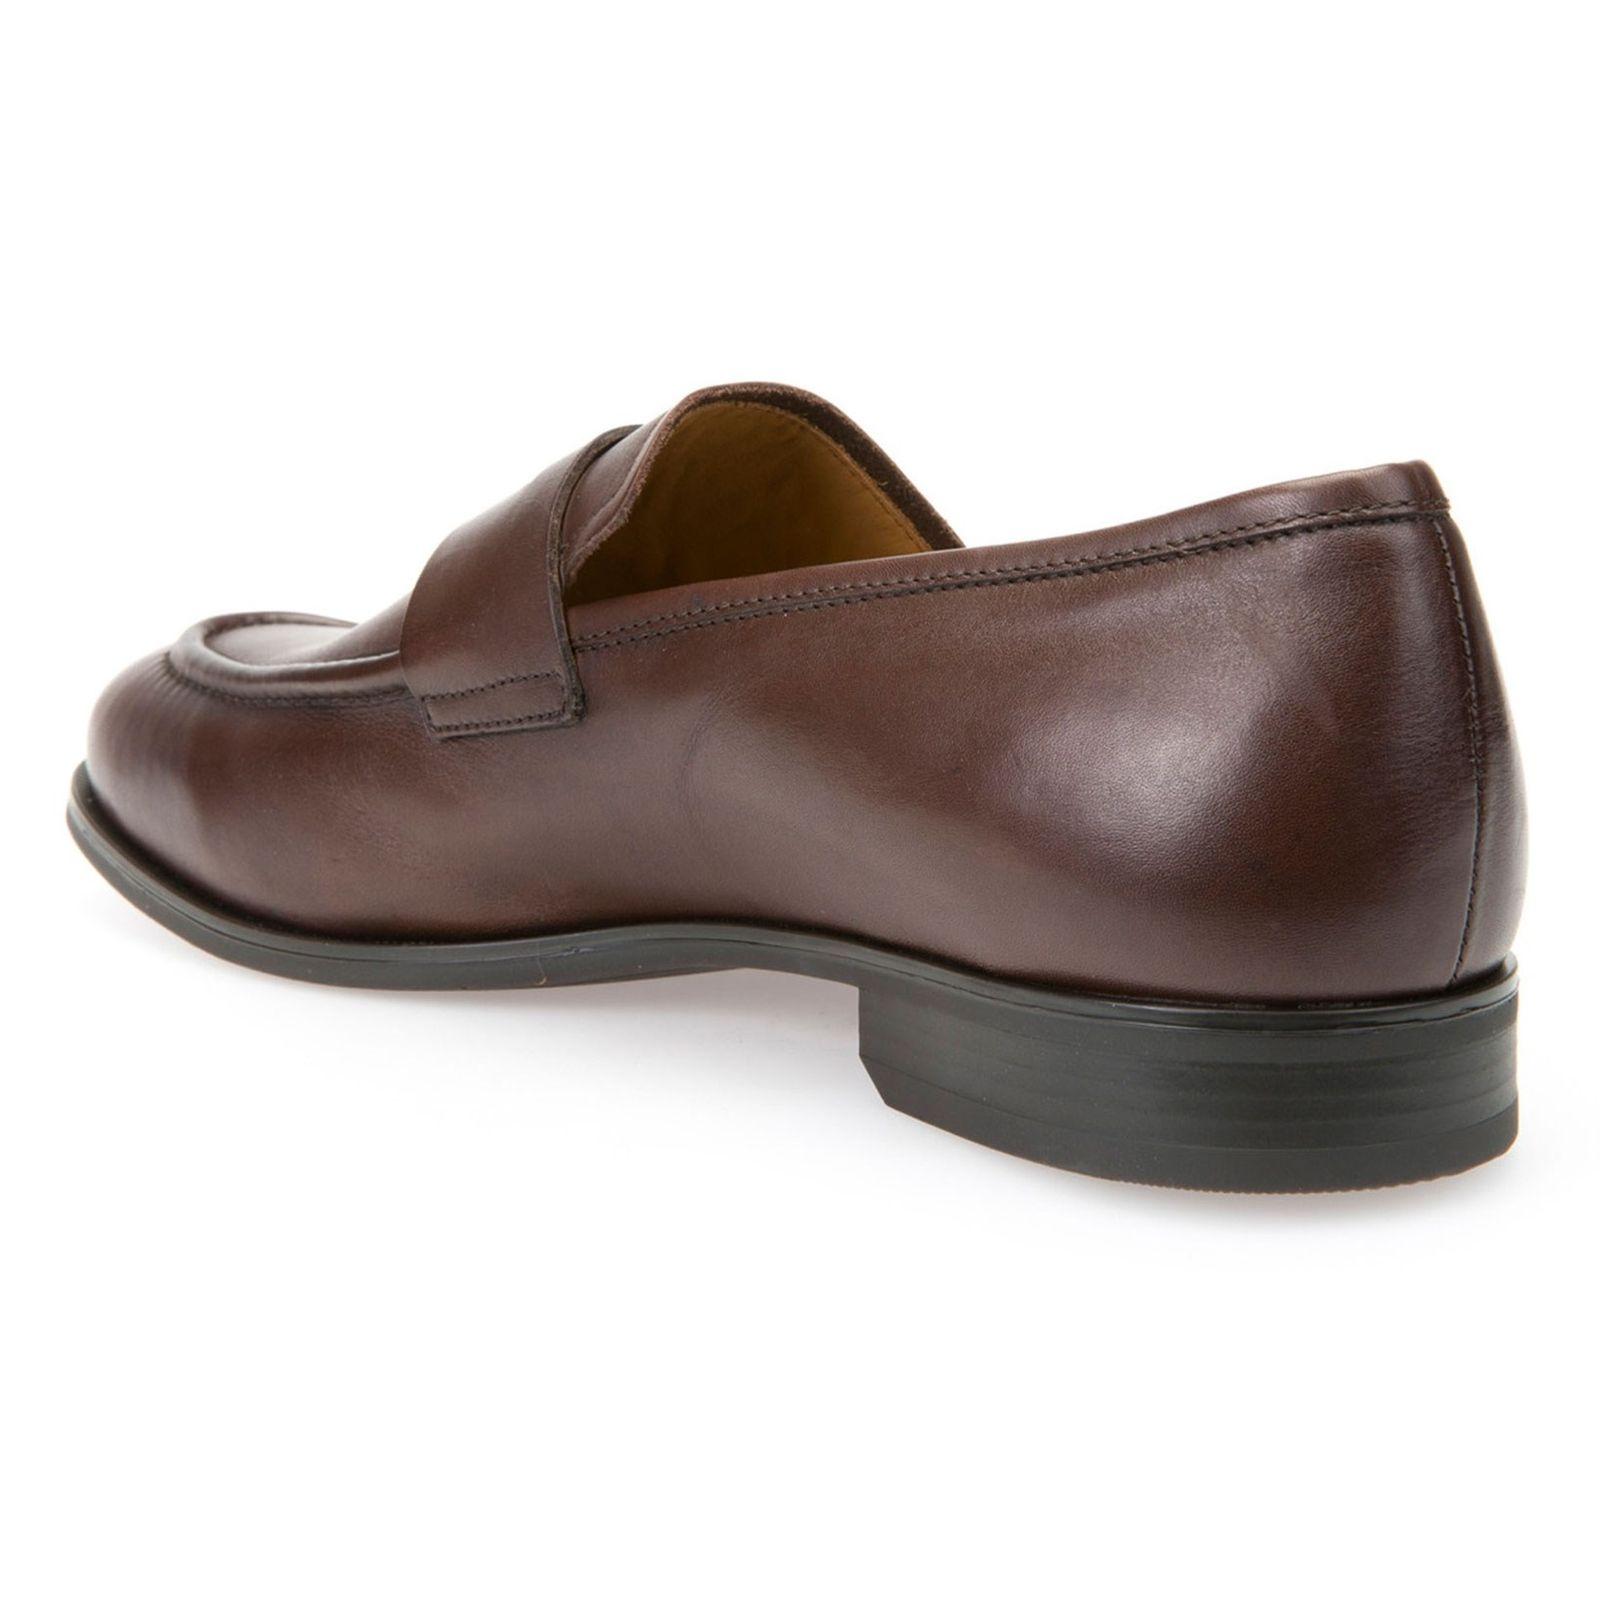 کفش رسمی چرم مردانه - جی اوکس - قهوه اي - 5